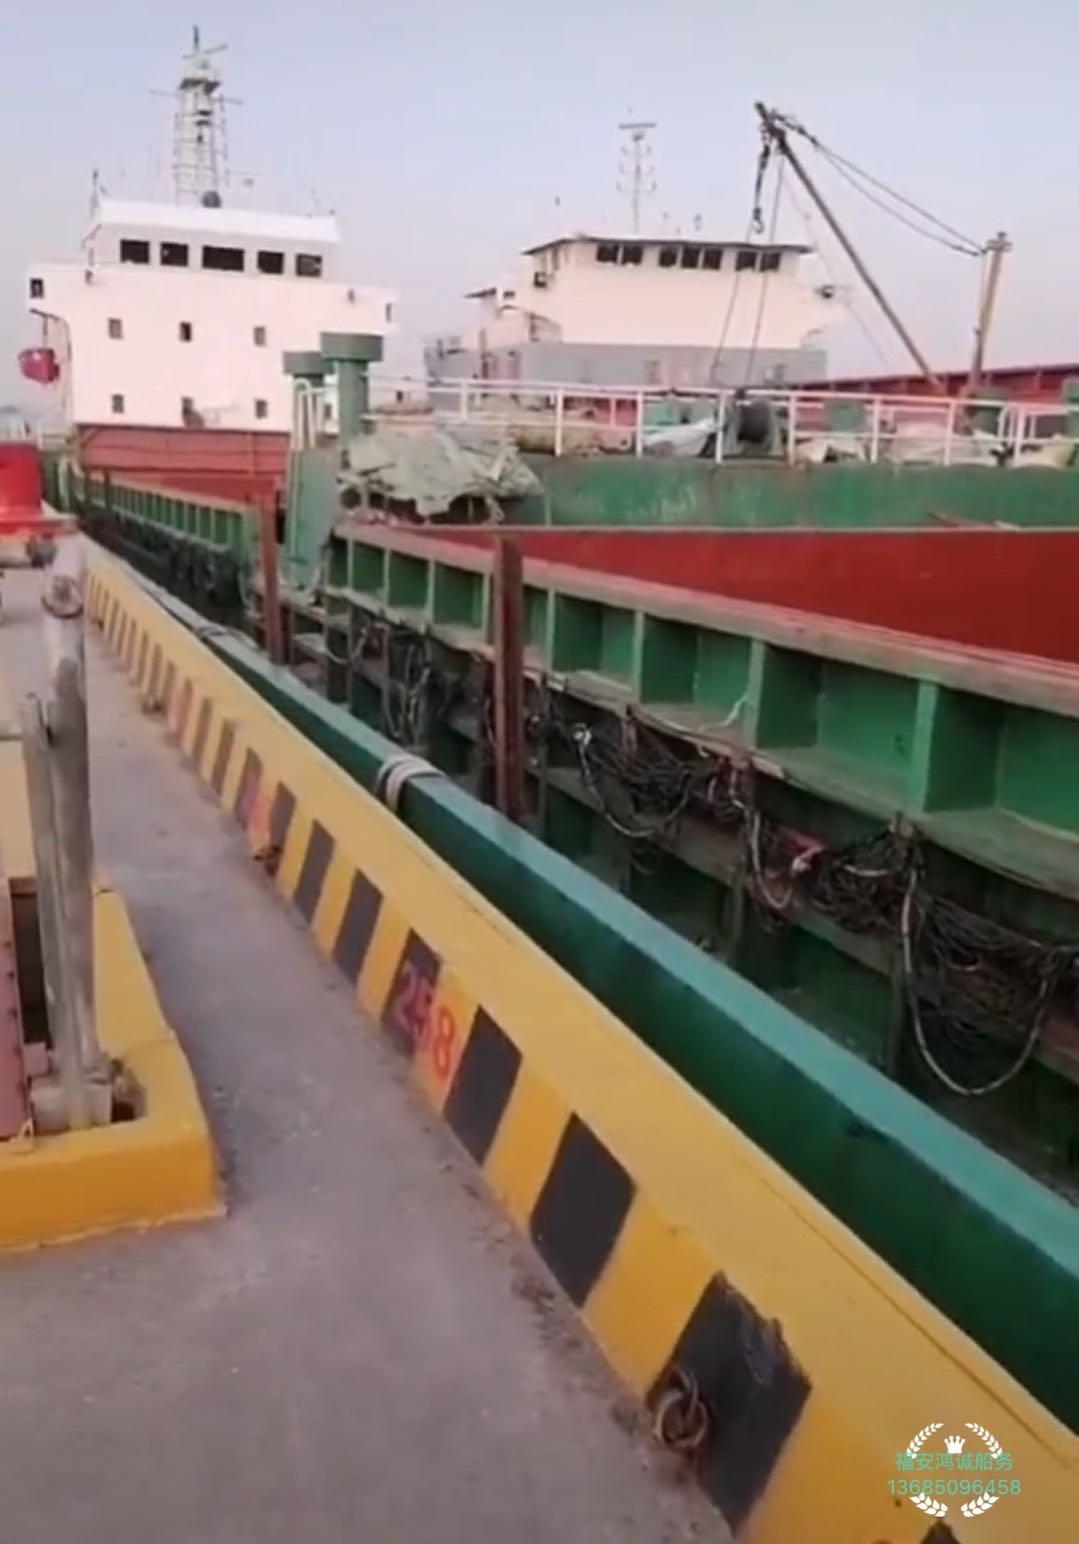 出售4150吨干货船